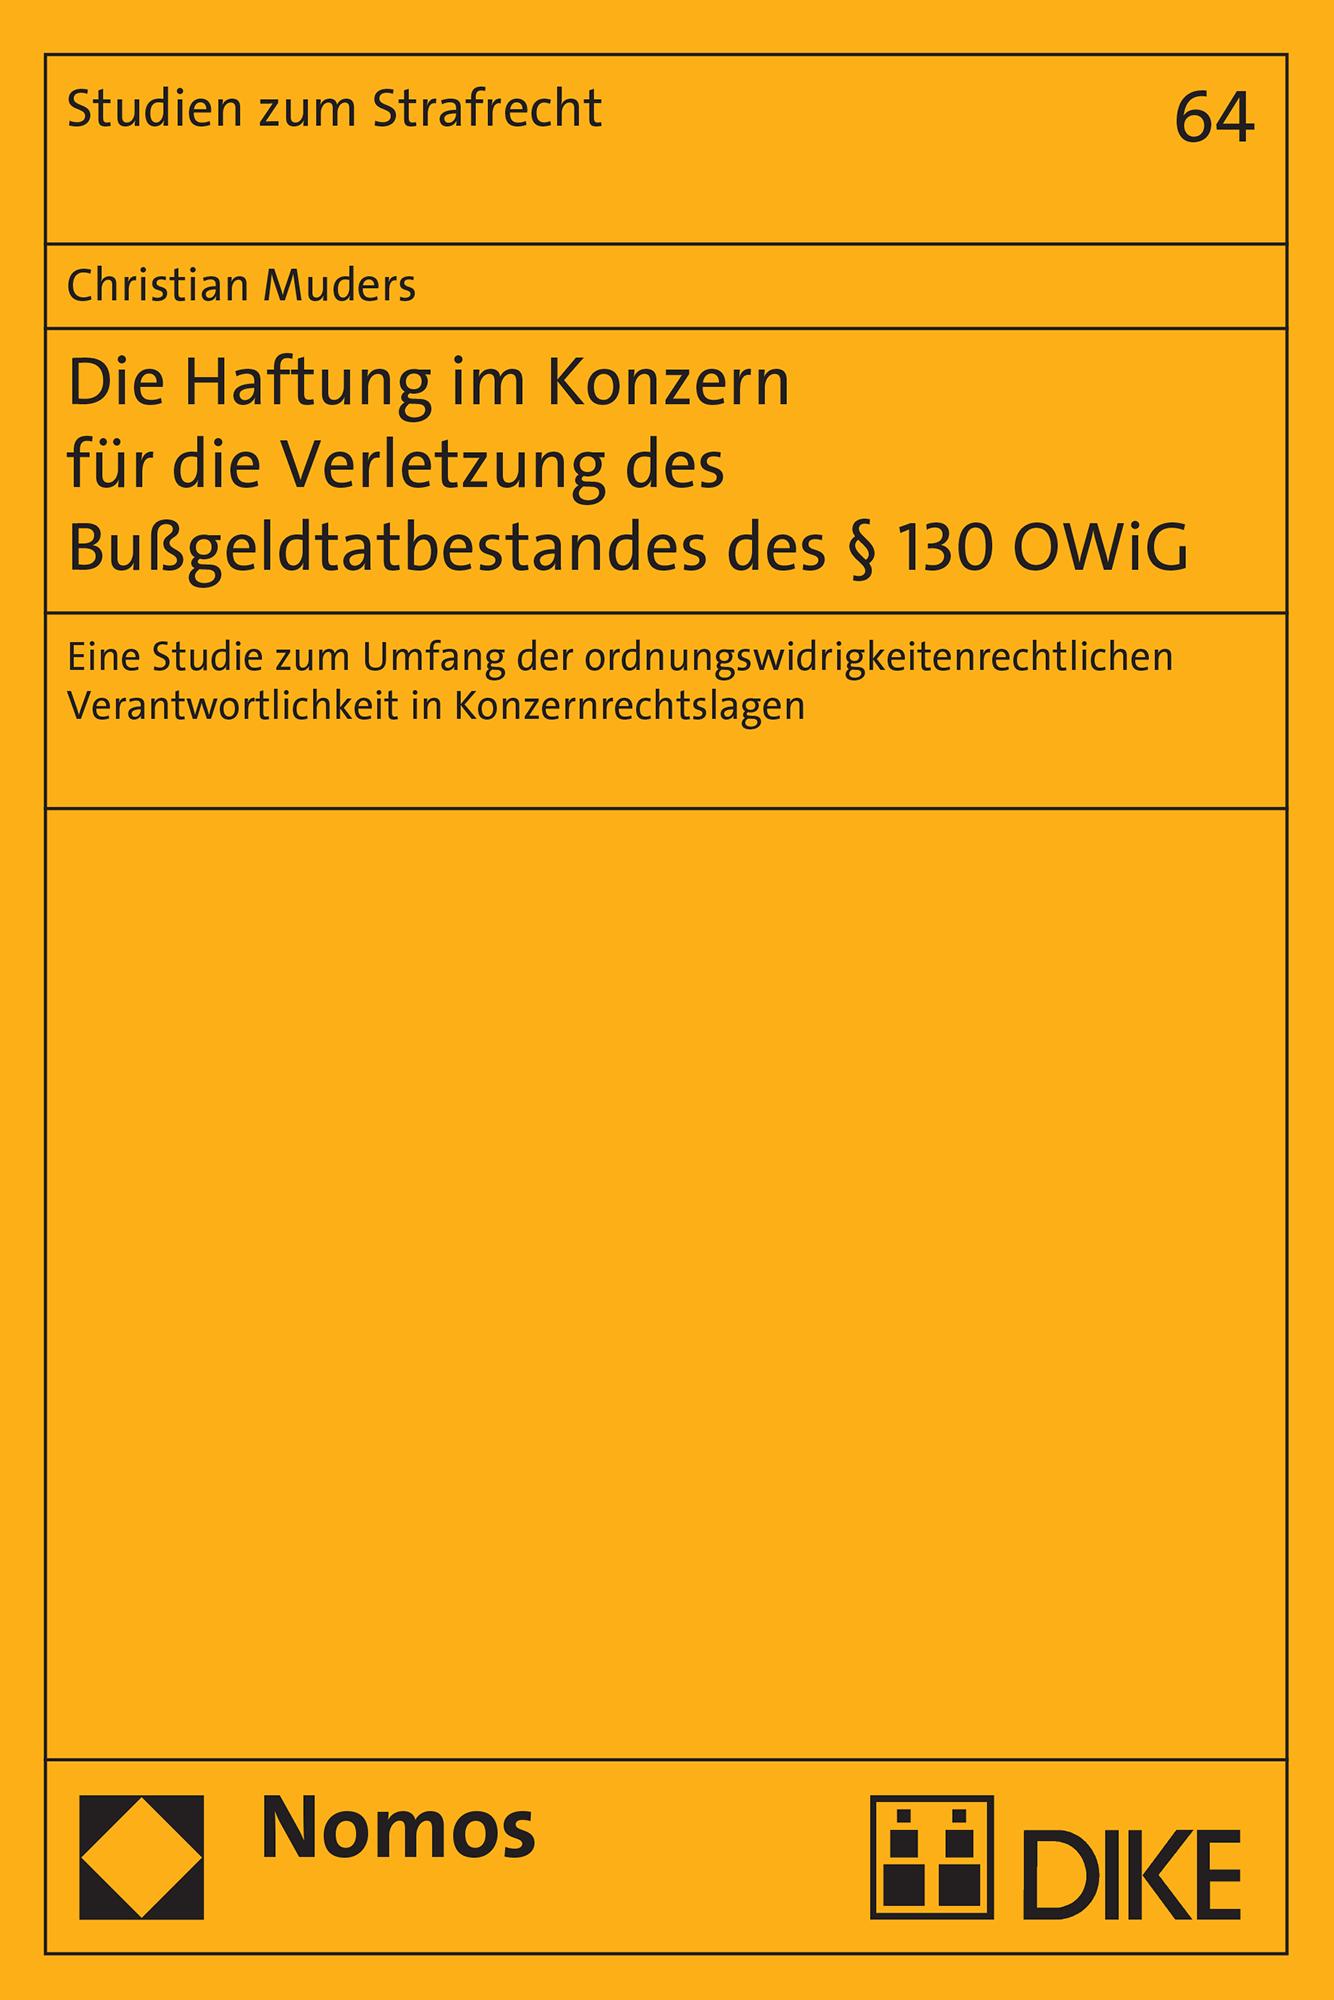 Die Haftung im Konzern für die Verletzung des Bußgeldtatbestandes des § 130 OWiG